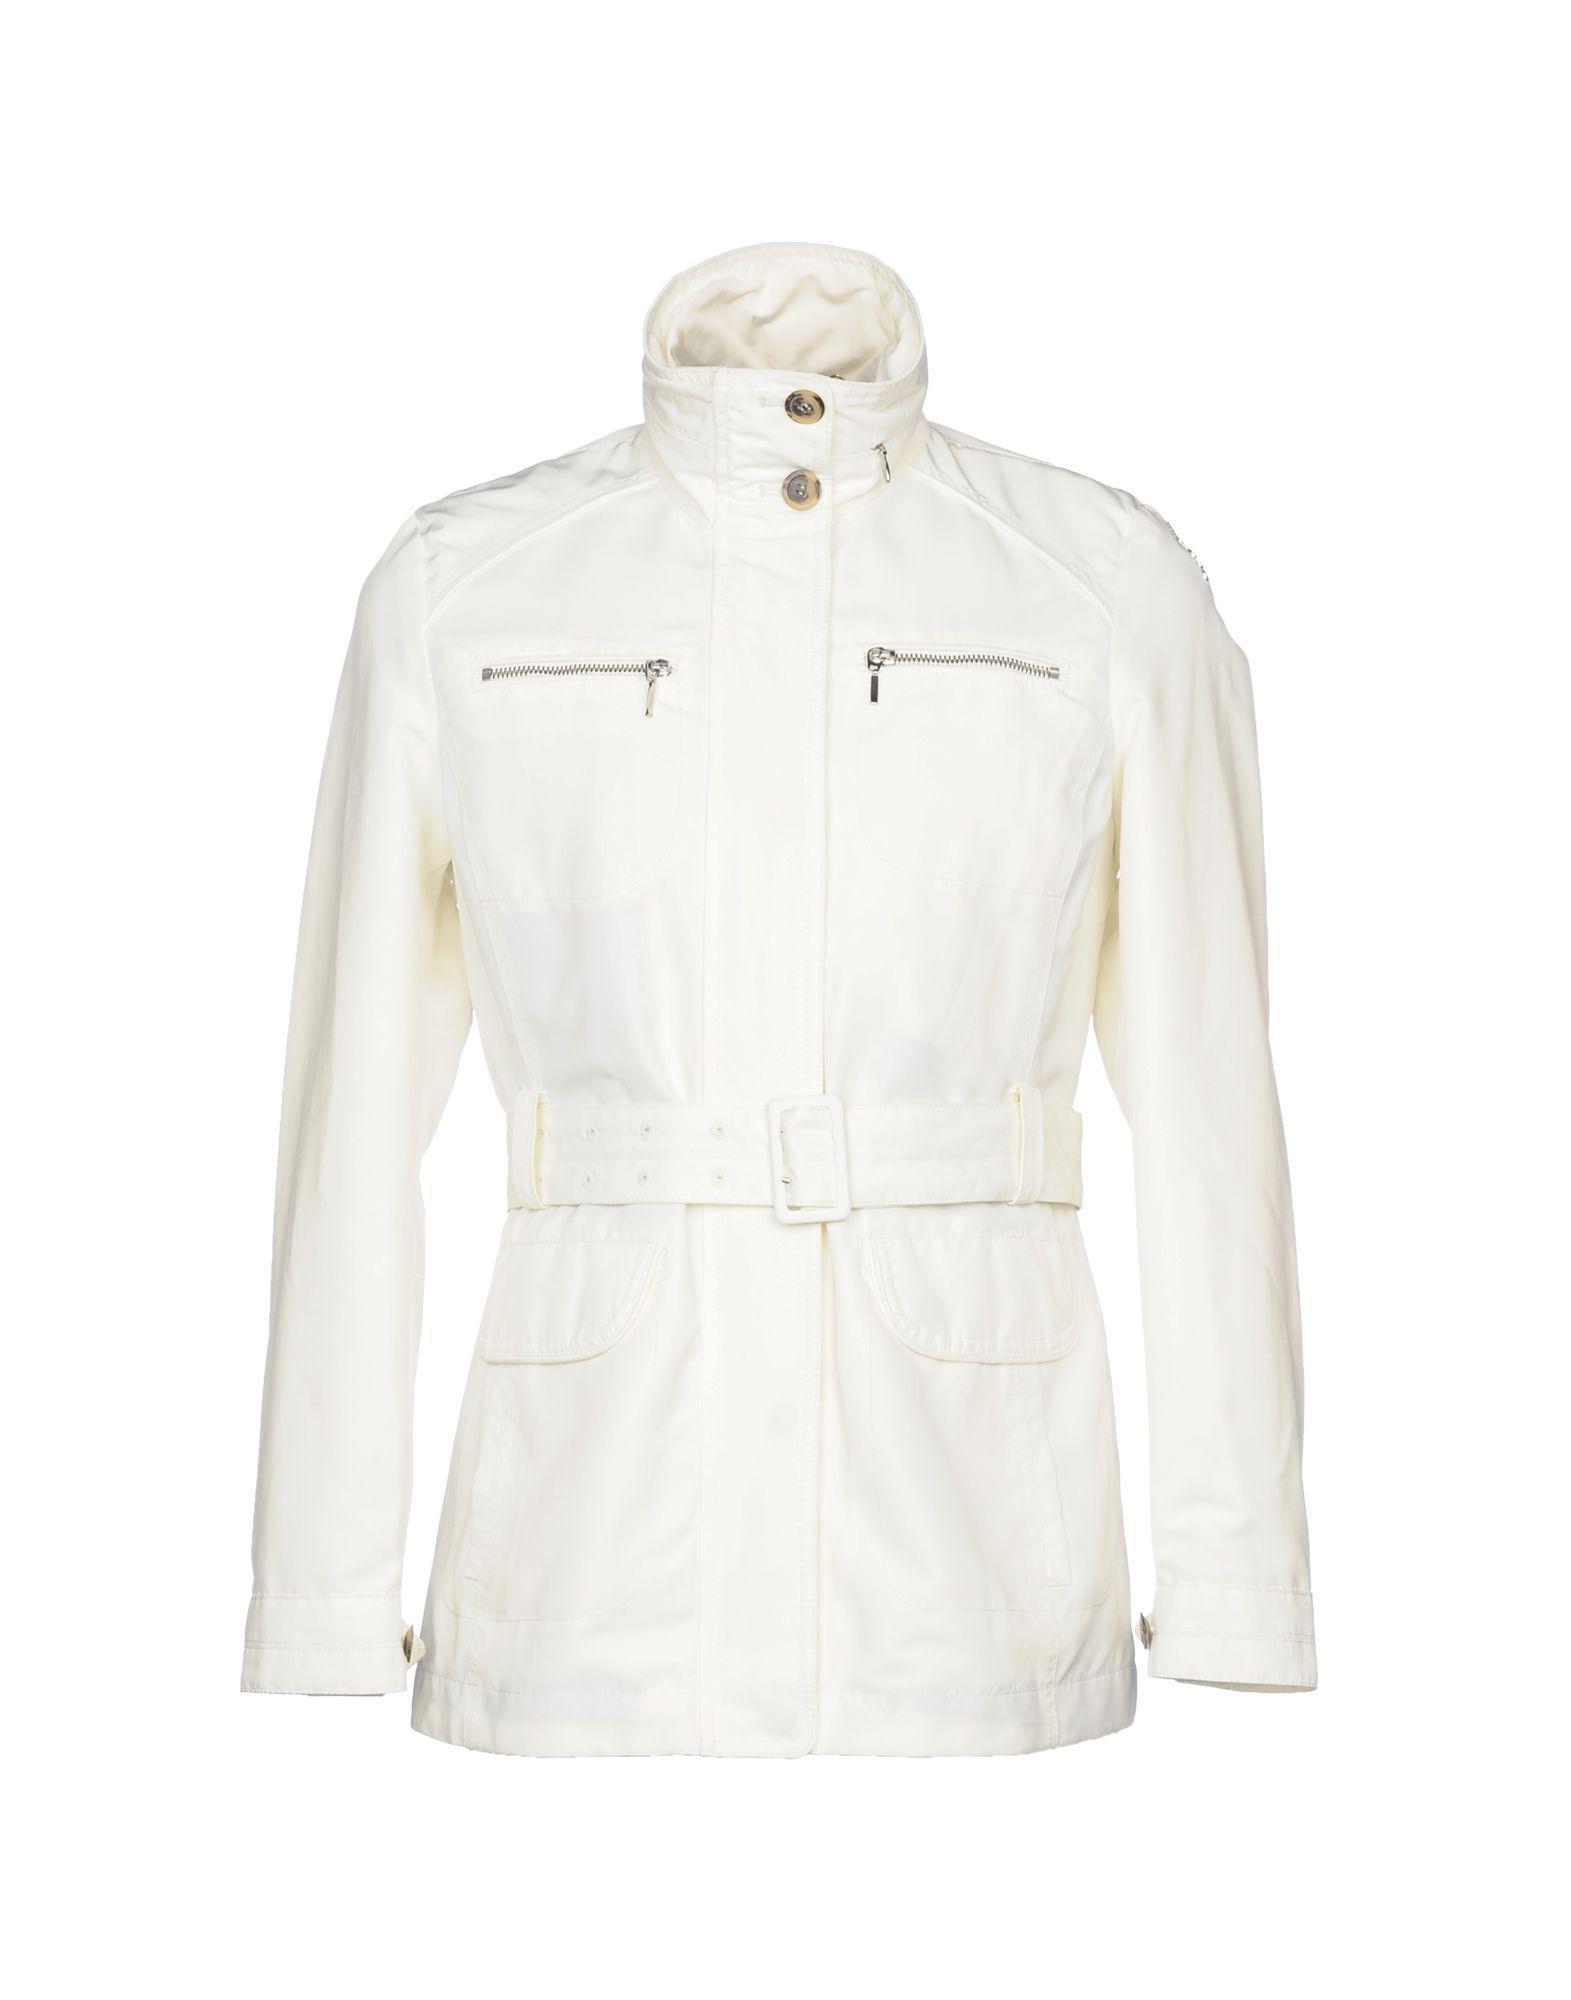 8826b9ea59e Lyst - Geox Jacket in White for Men